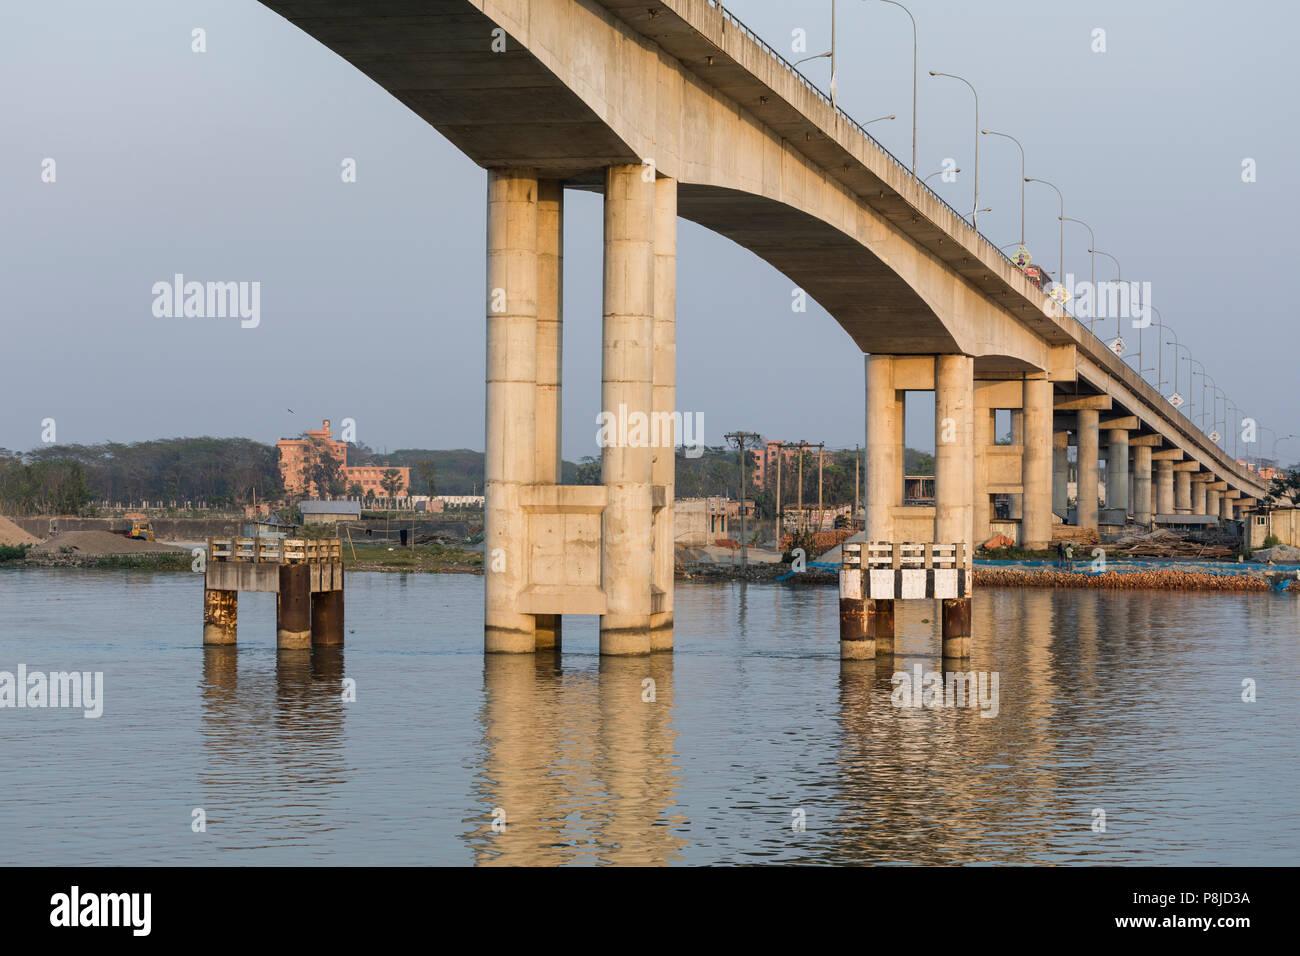 Khulna, Bangladesh, 1 de marzo de 2017: El moderno puente de hormigón en la luz de la tarde conduce a lo largo de un río en Bangladesh Foto de stock